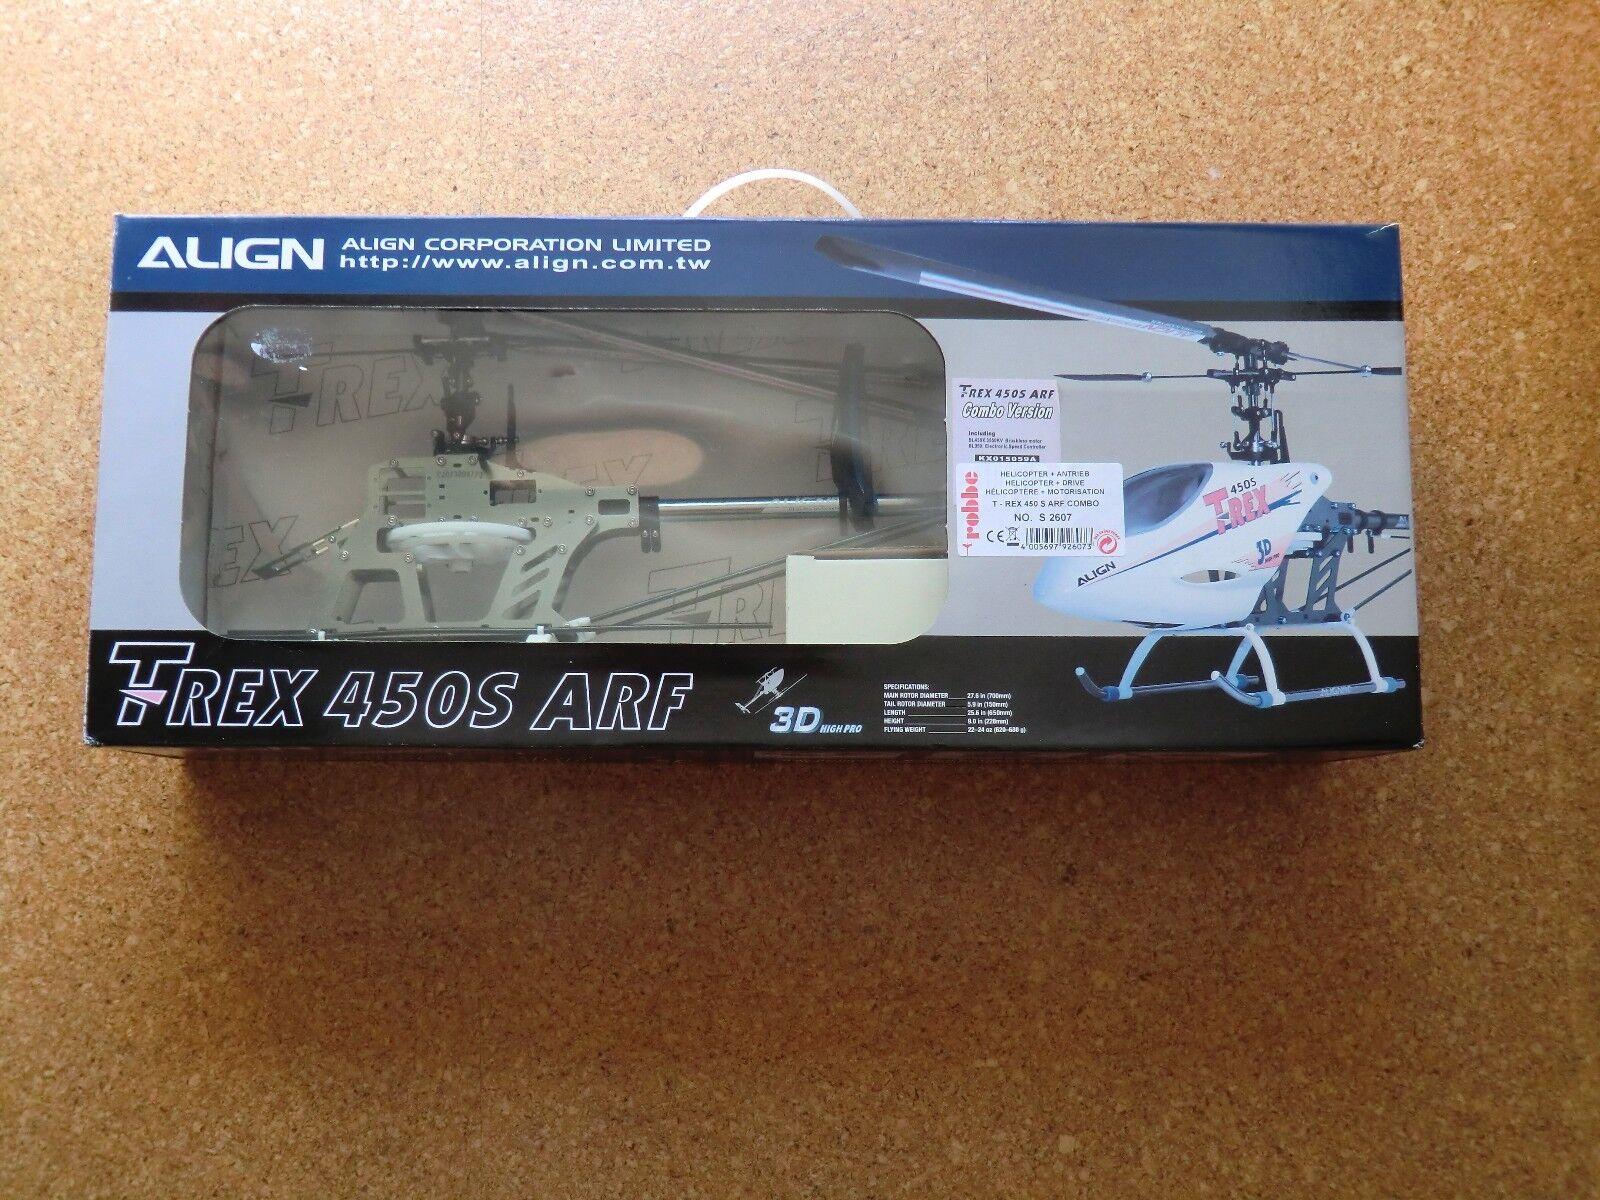 Robbe Align T-Rex 450 S S S der Combo // S 2607  Nouveau  RARE 82b626